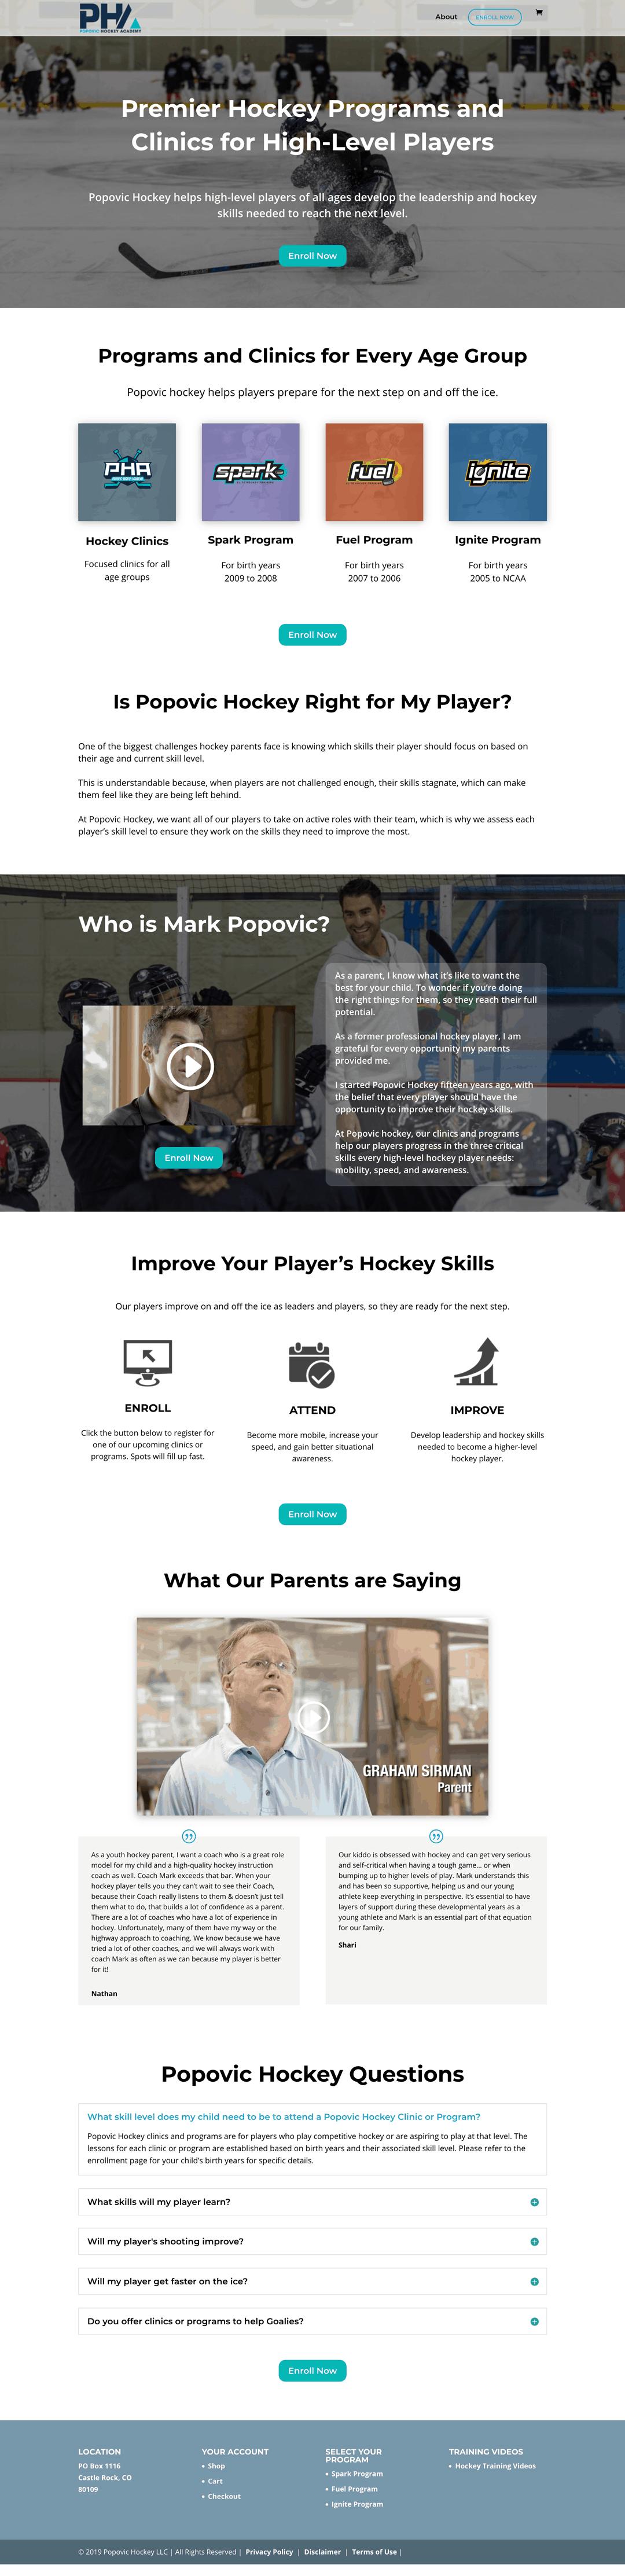 popovichockey